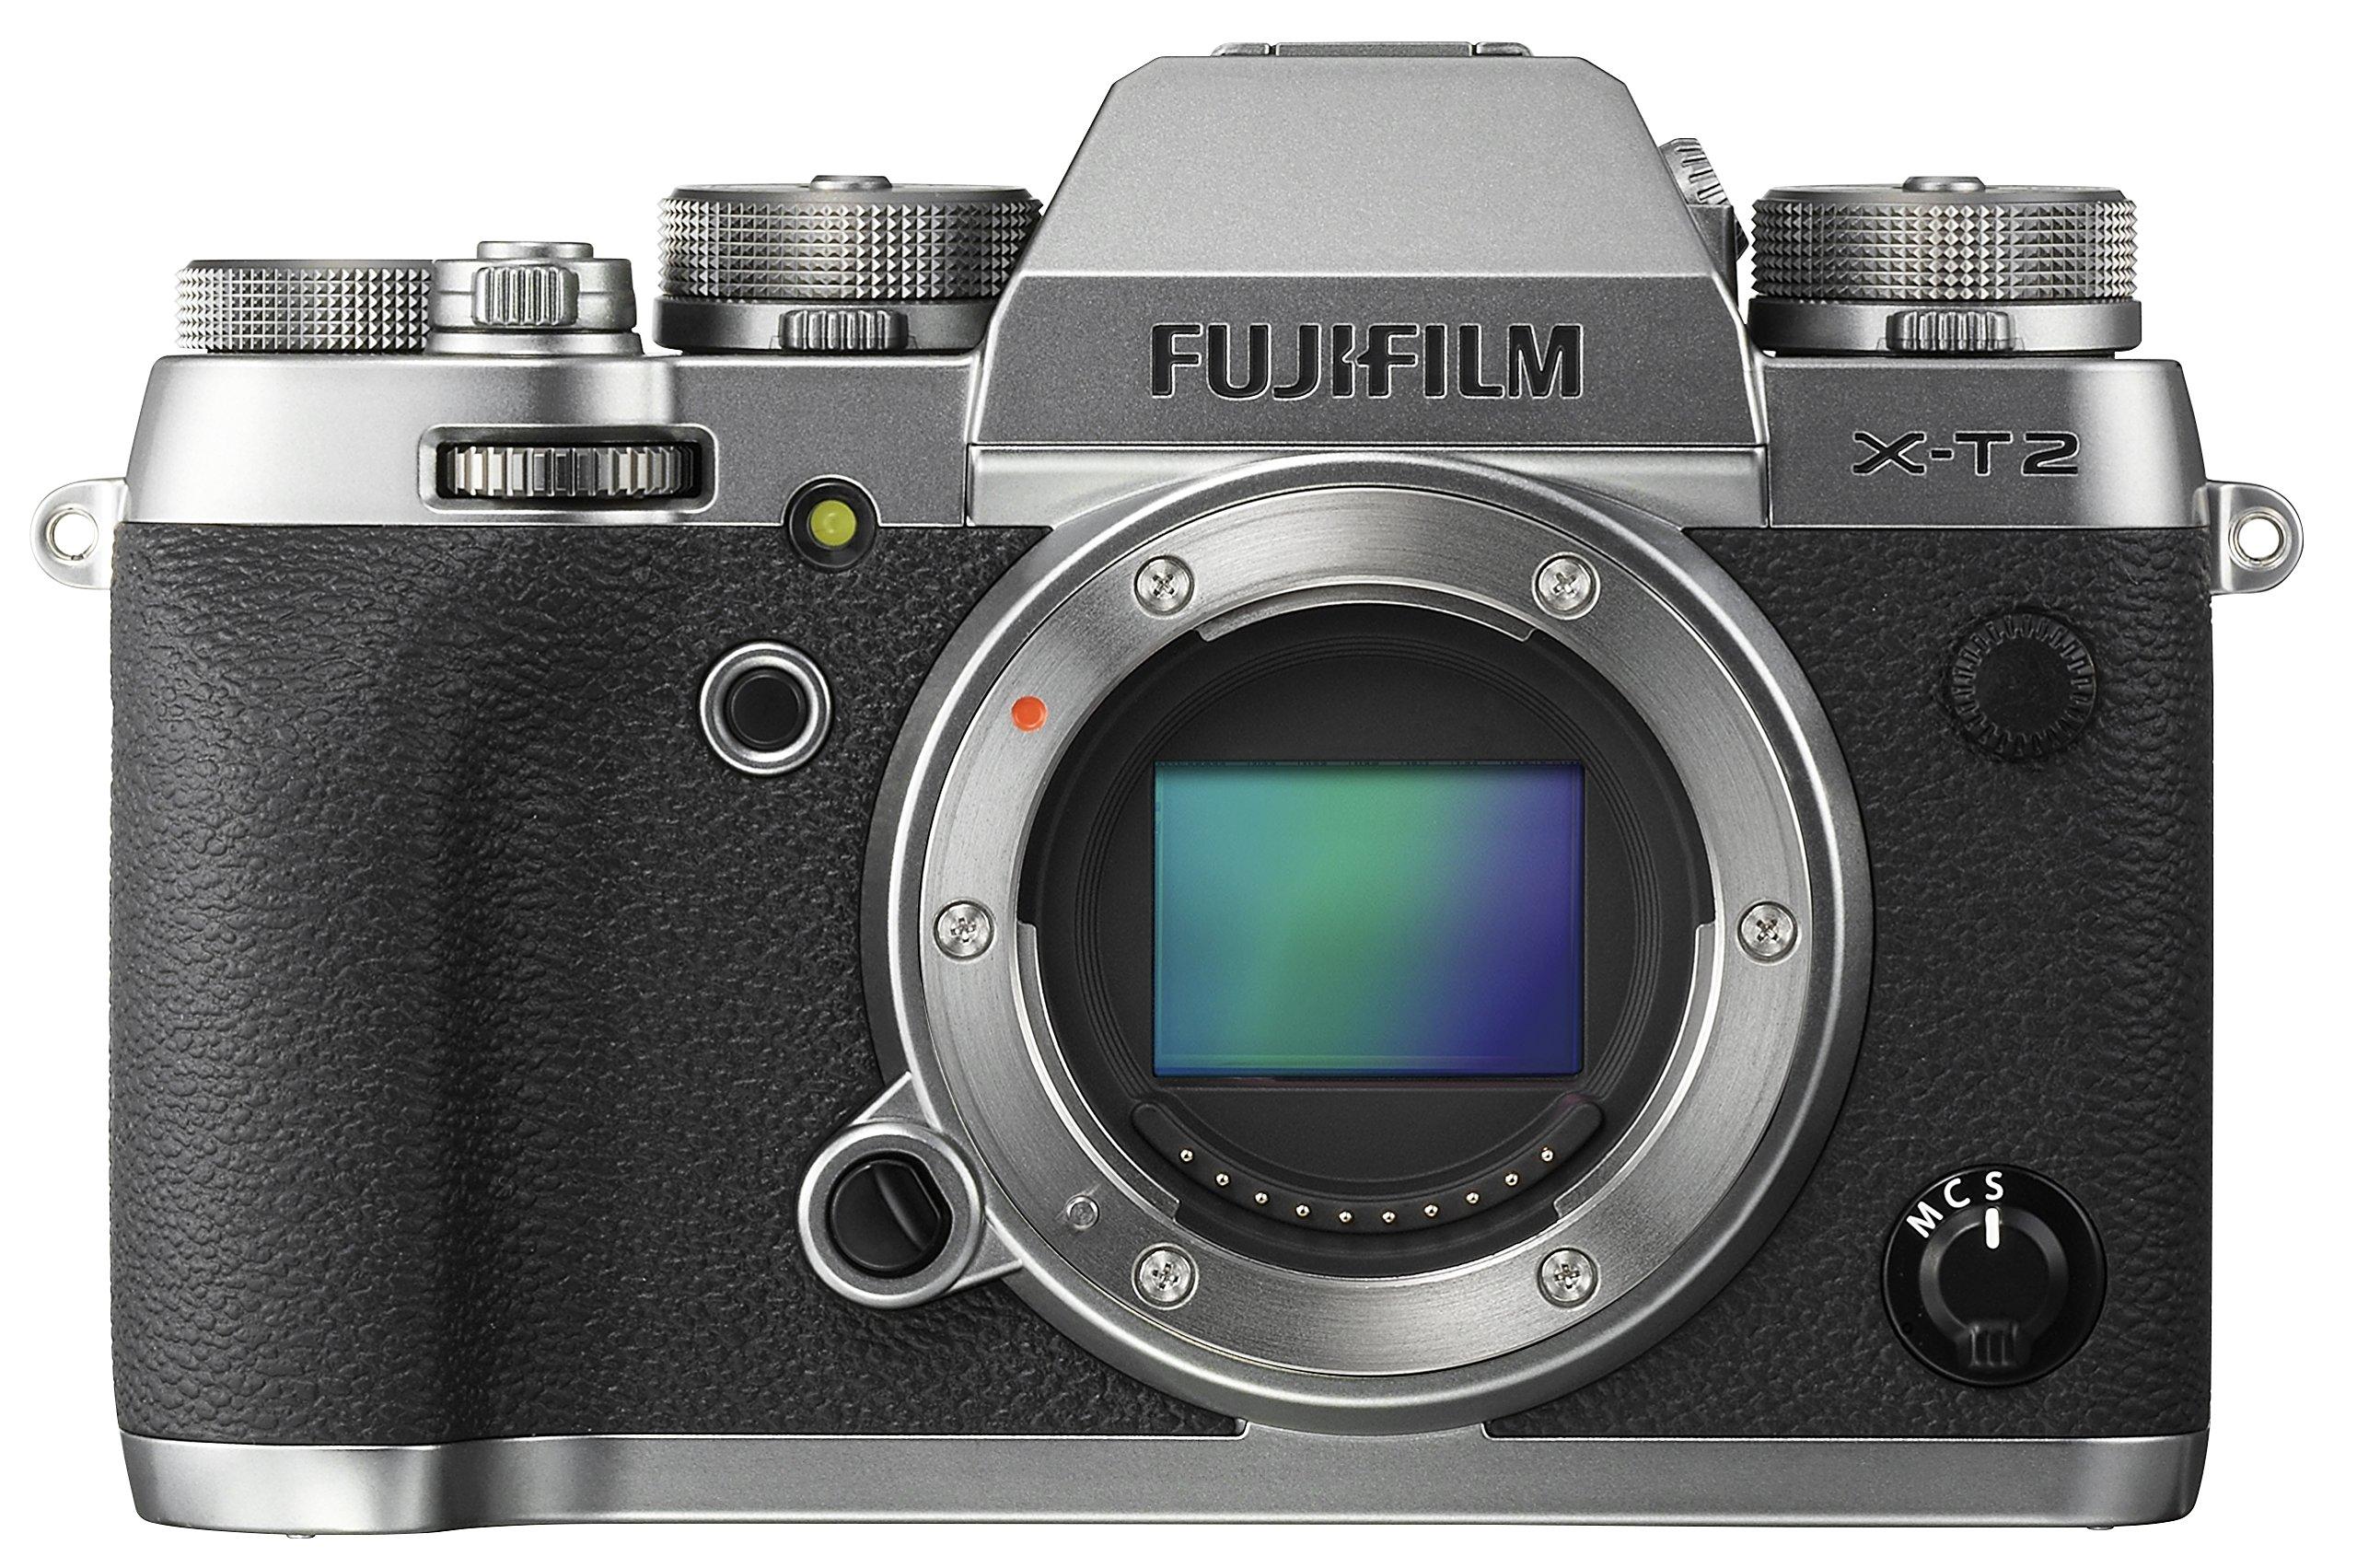 """Fujifilm X-T2 Graphite Silver Edition Fotocamera Digitale da 24MP, Sensore APS-C X-Trans CMOS III, Mirino EVF 2,36MP, Schermo LCD 3"""" Orientabile, Ottiche Intercambiabili, Graphite Argento product image"""